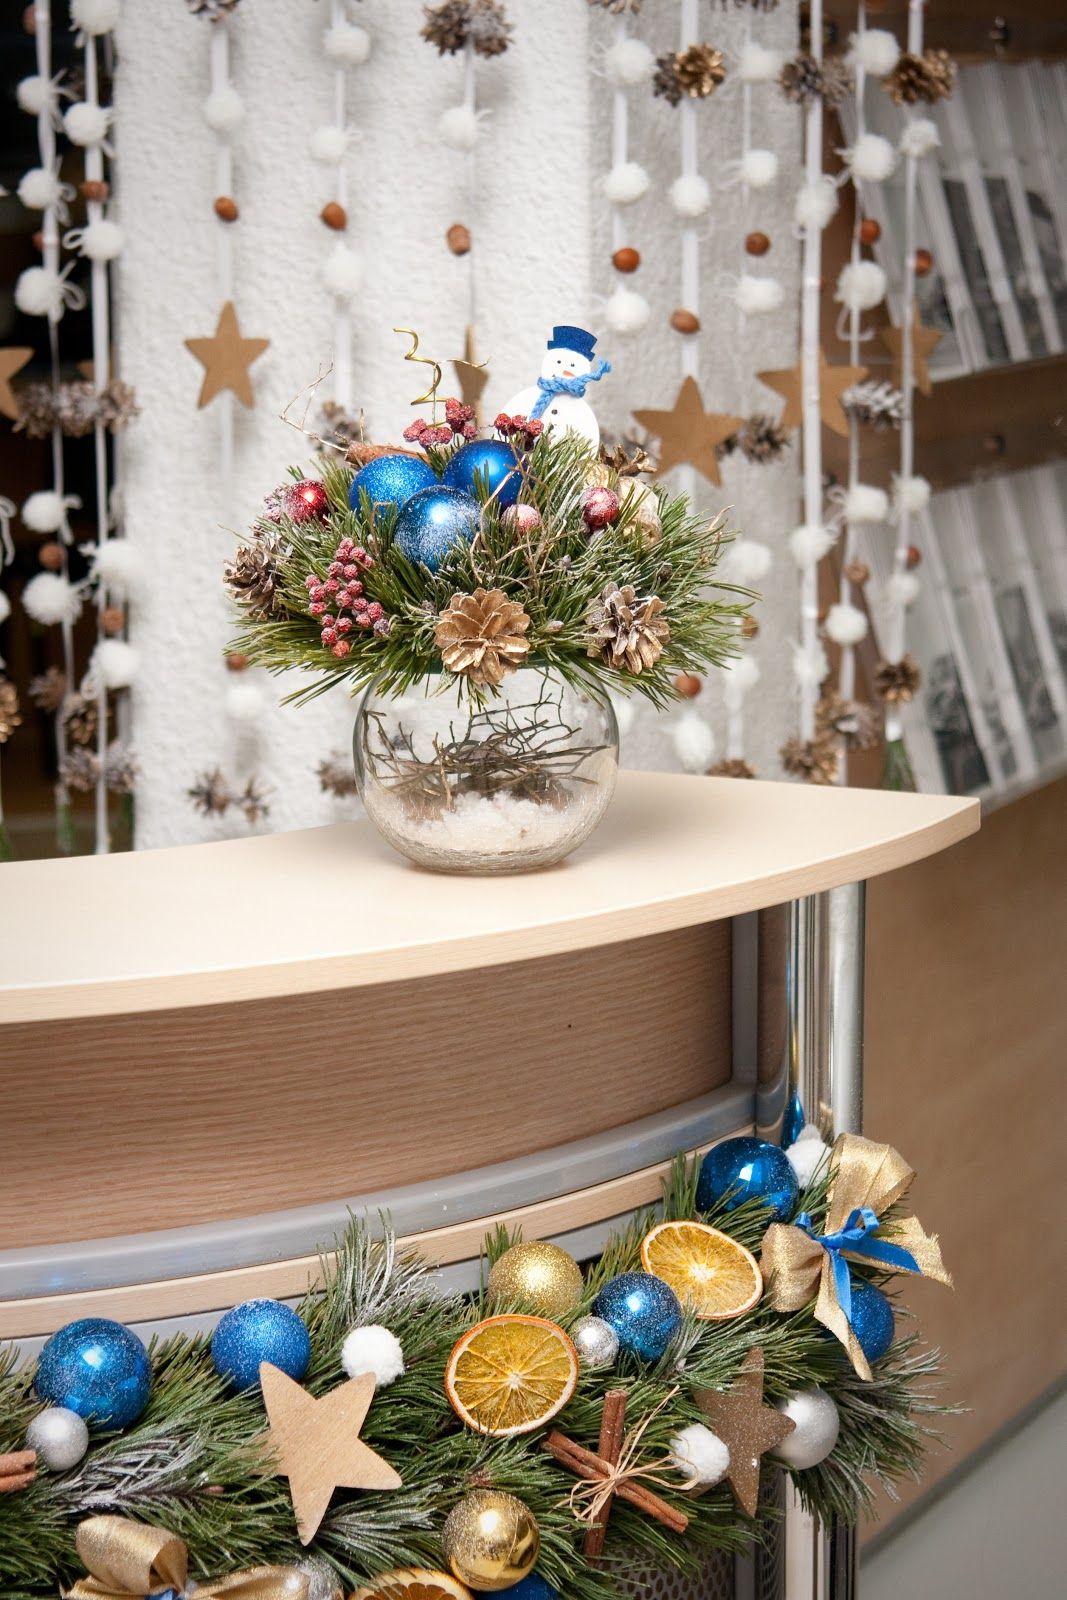 атласное свадебное новогоднее украшение на работе фото когда-то отцовским зорким